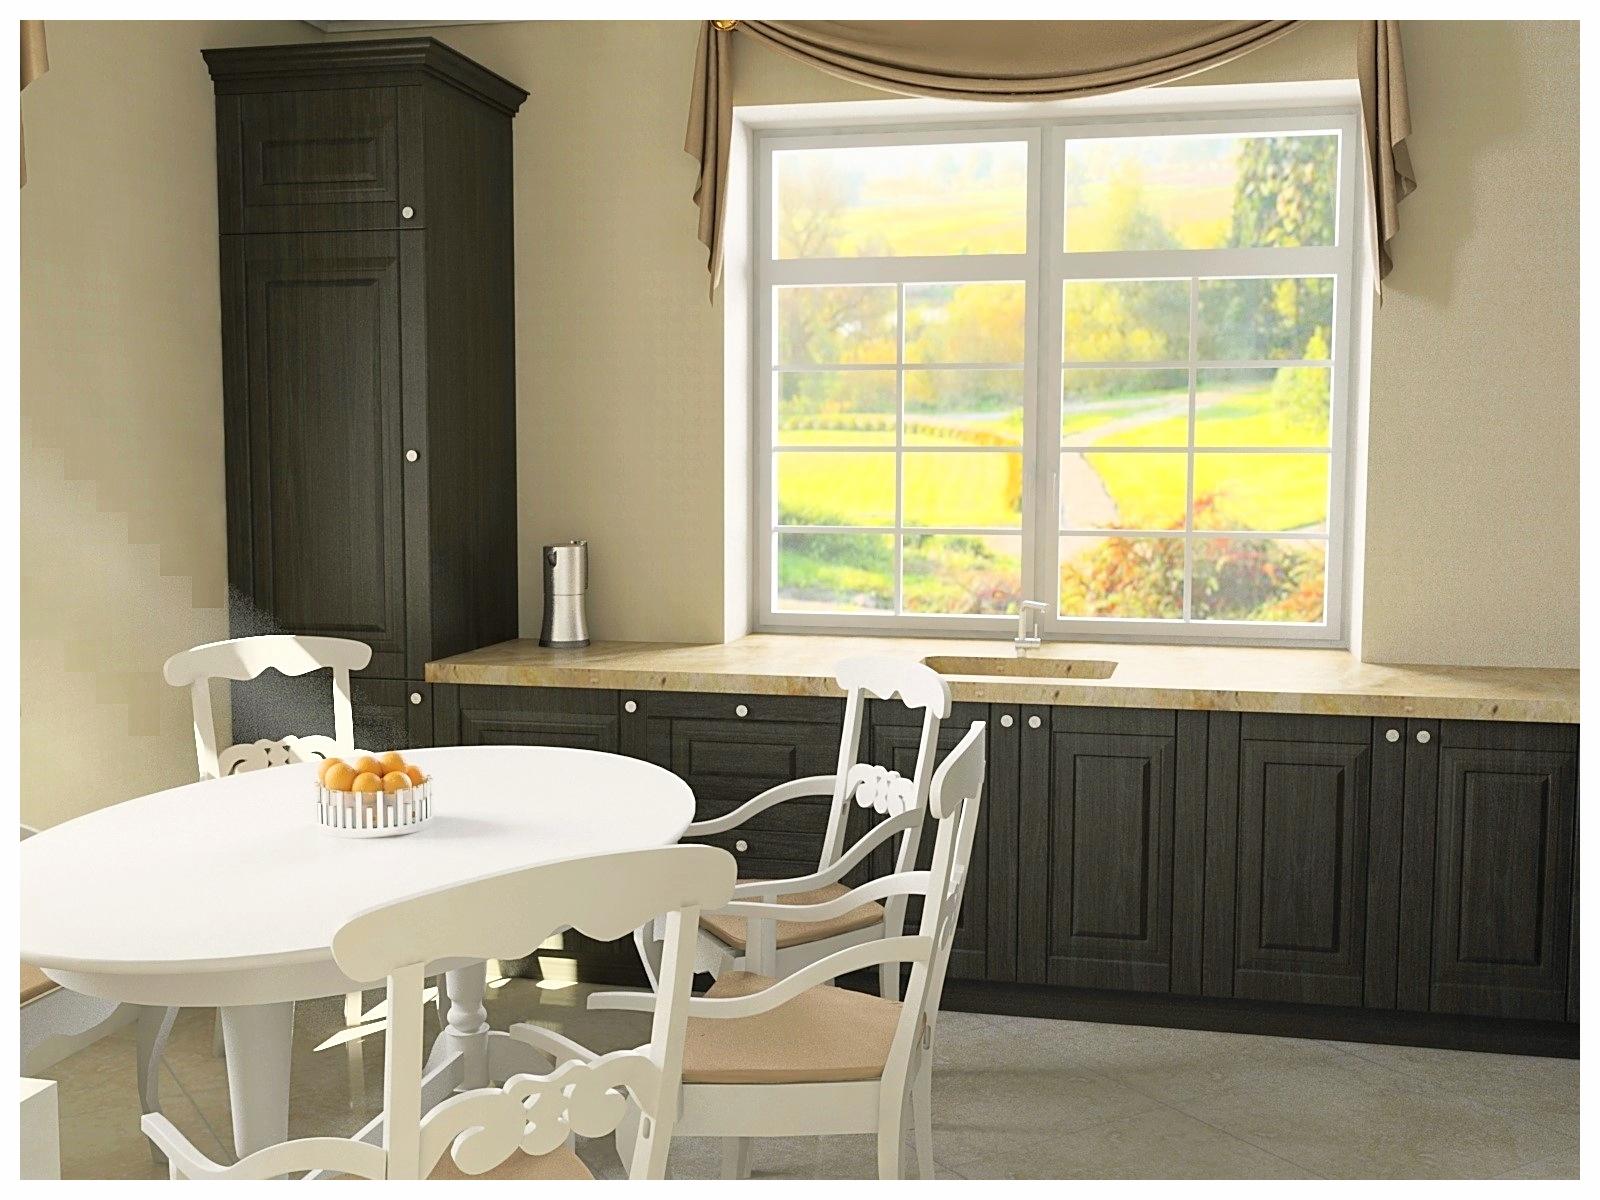 Дизайн интерьеров дома в классическом стиле. Кухня 3.